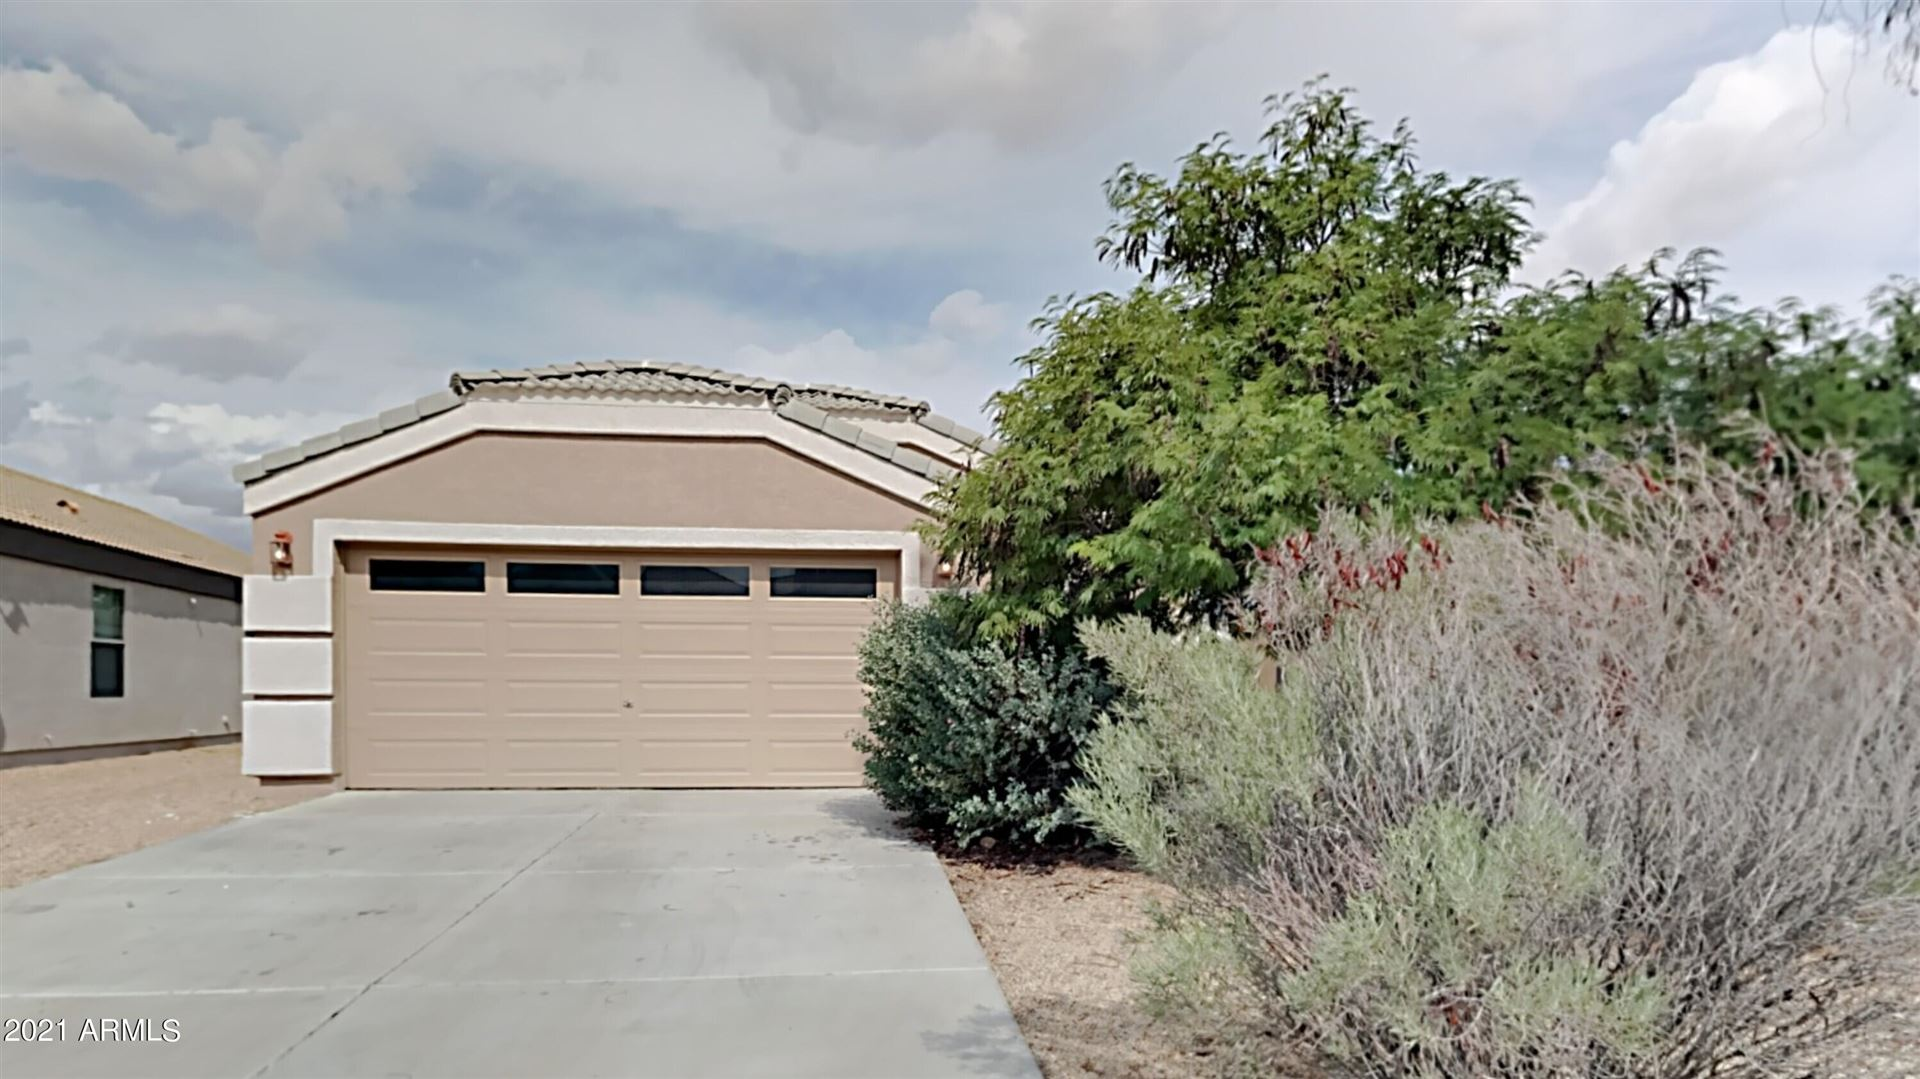 Photo of 12048 W ACAPULCO Drive, El Mirage, AZ 85335 (MLS # 6301603)